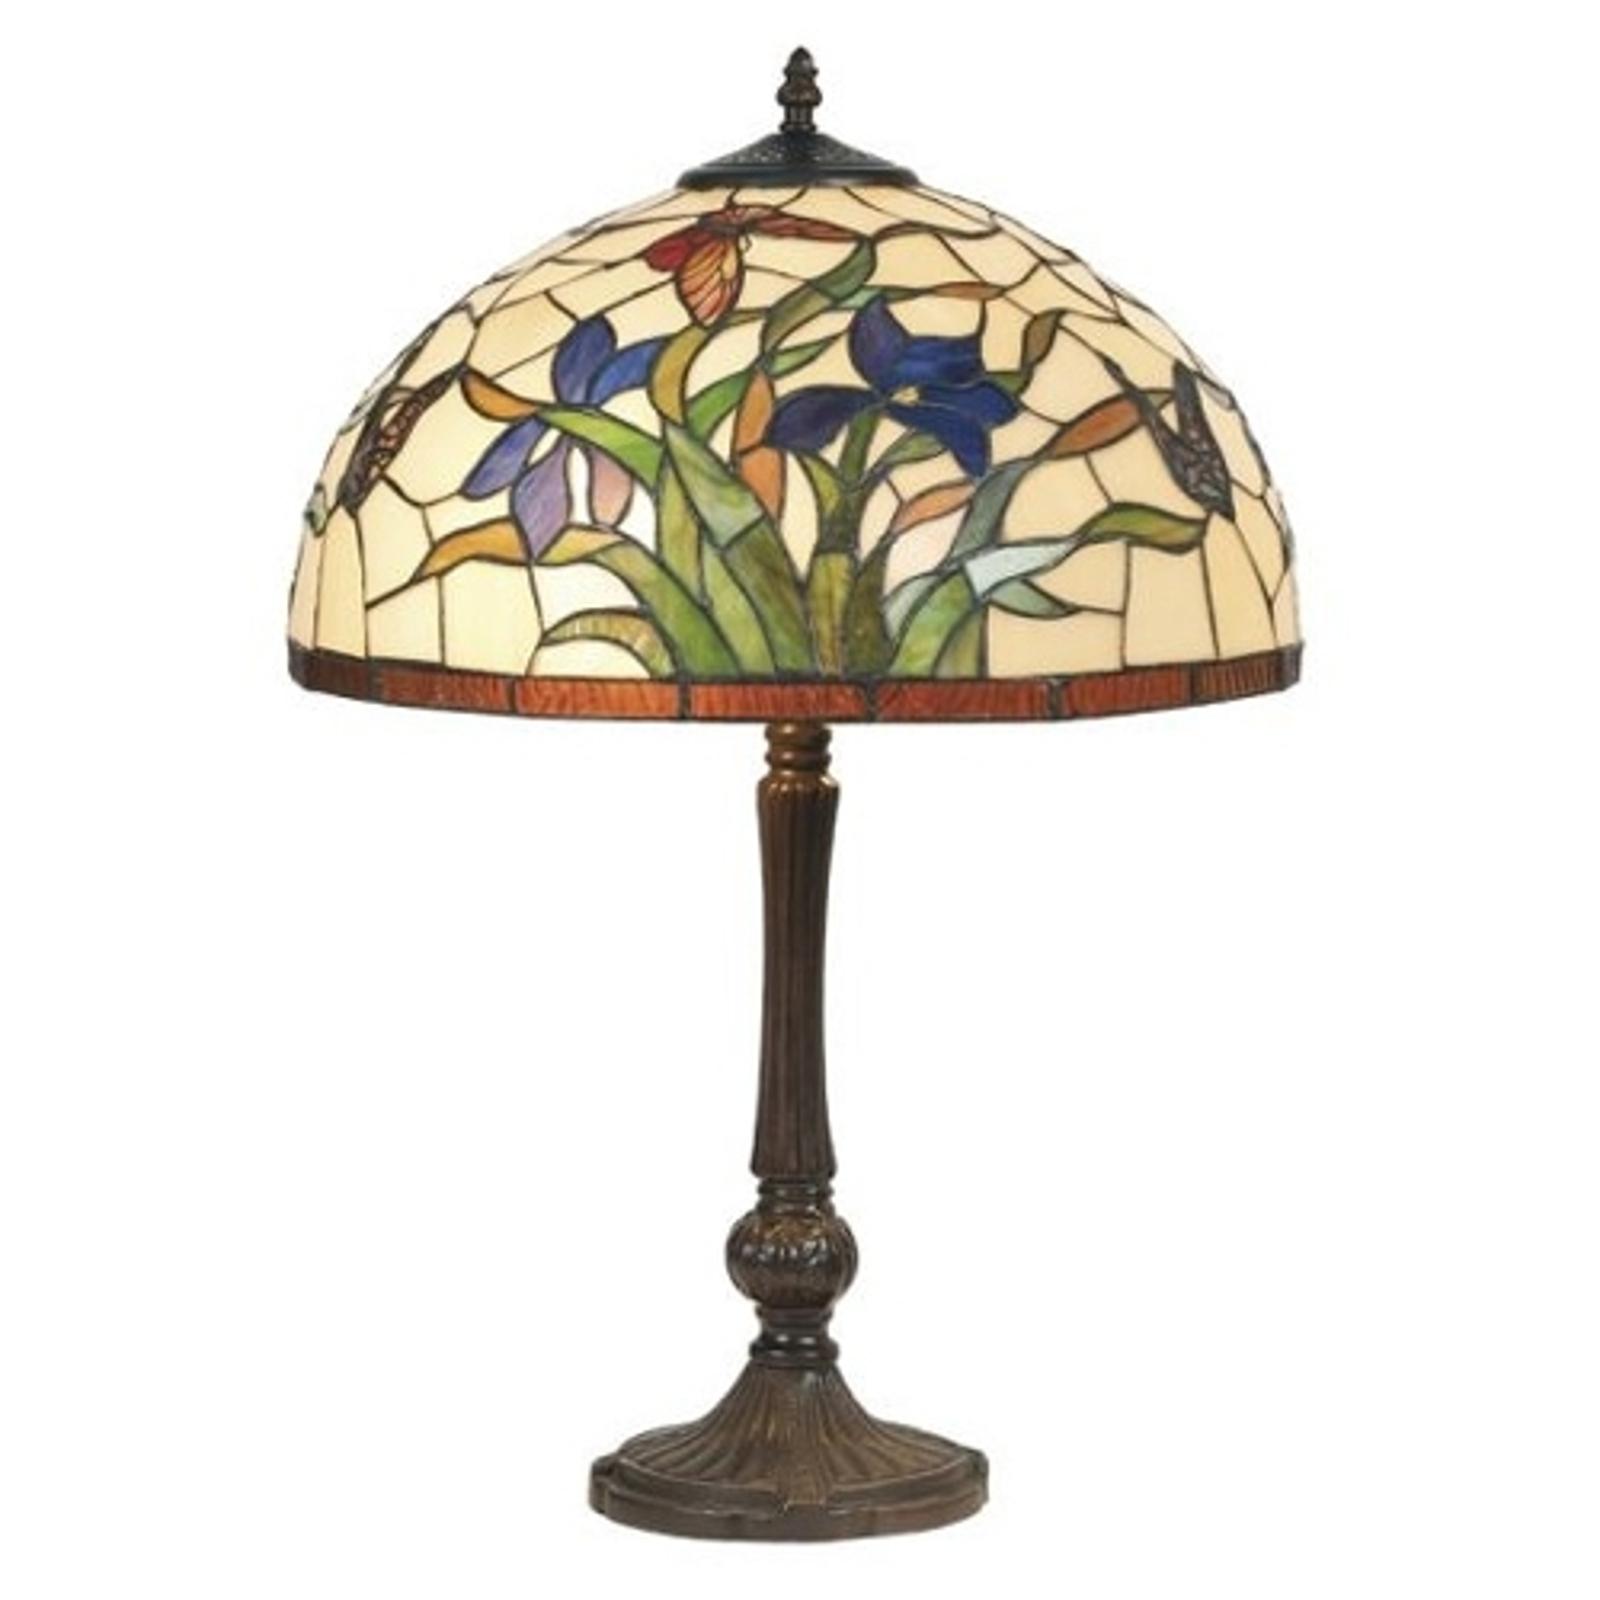 Bordslampa Elanda i tiffanystil, 62 cm